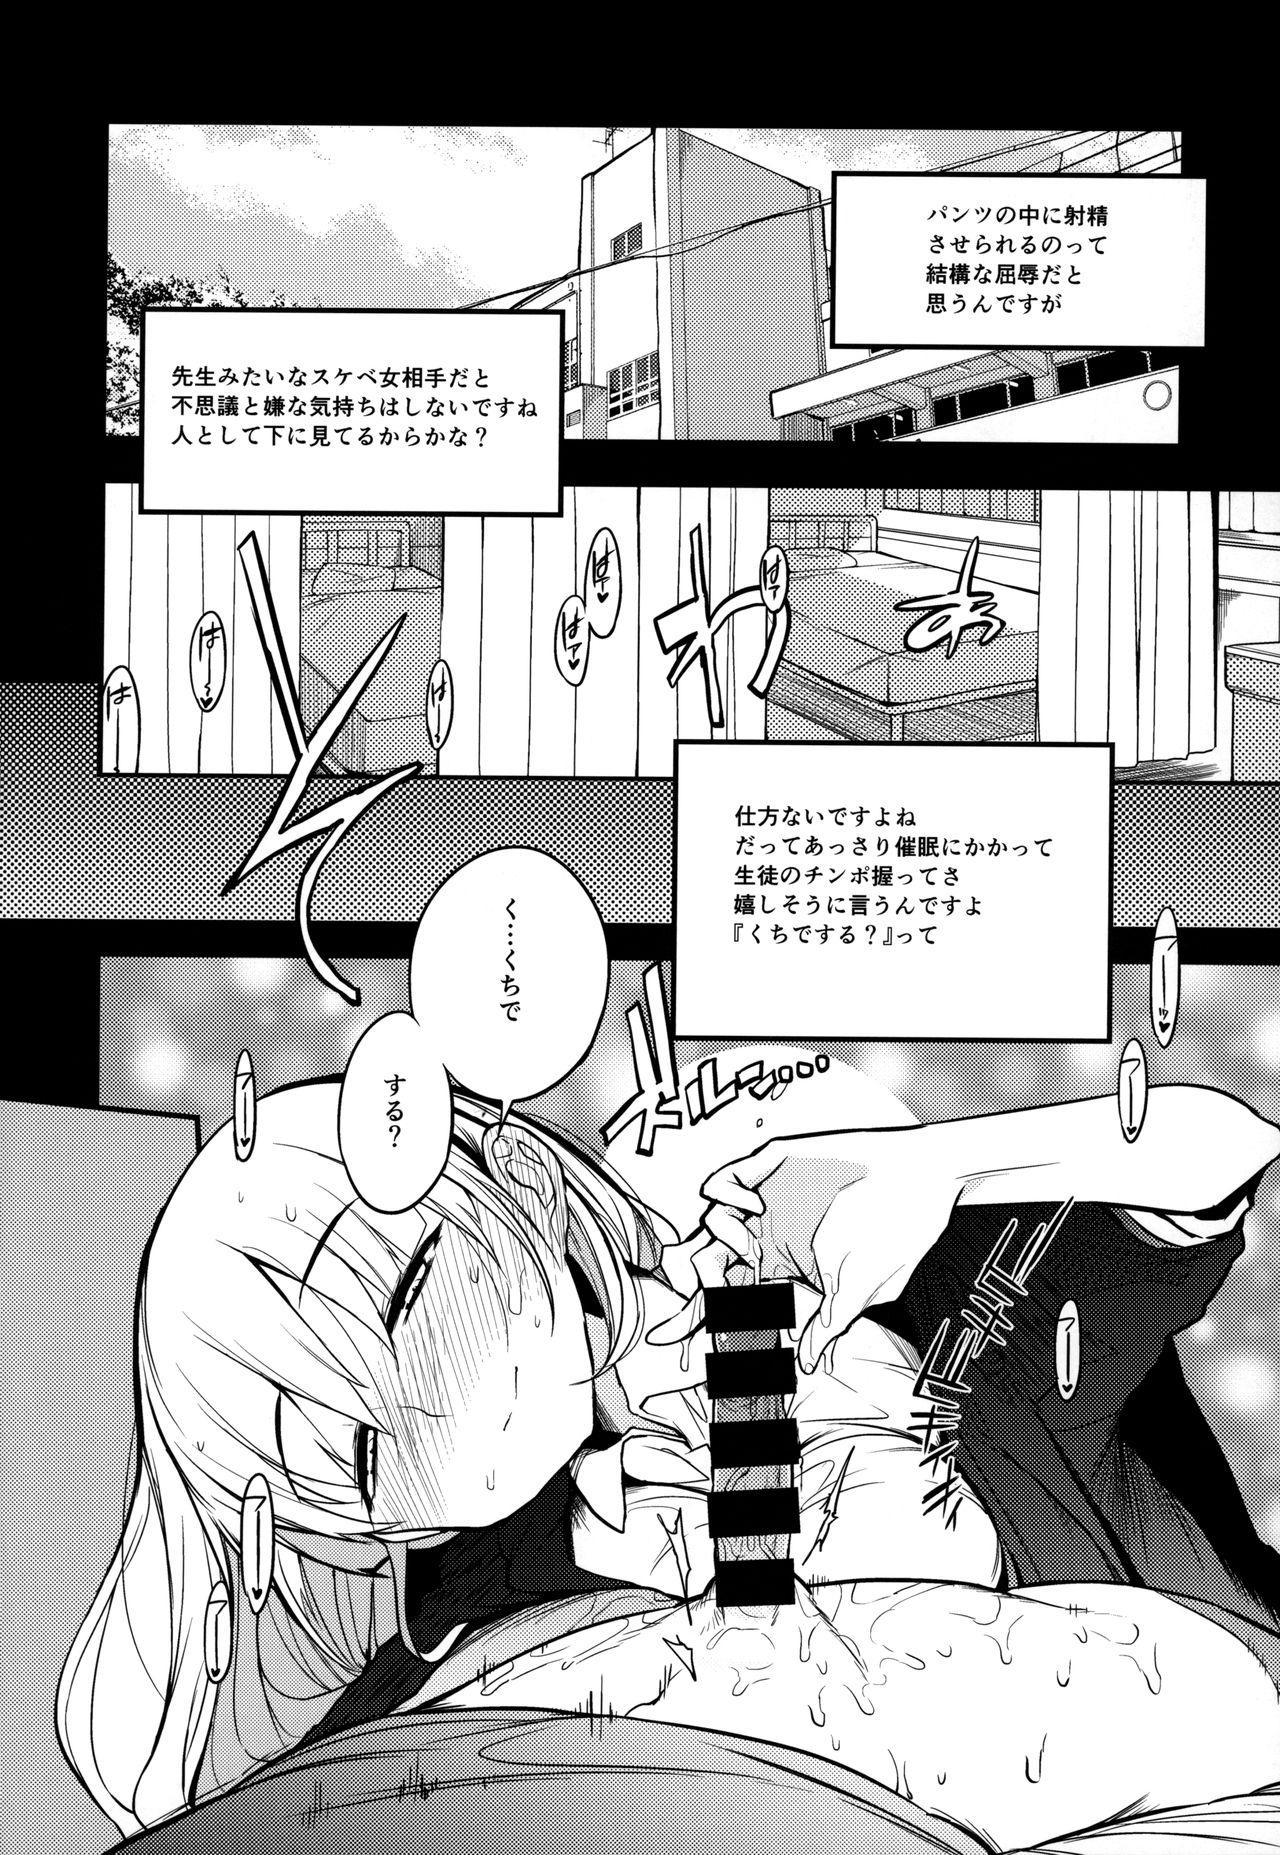 Soku Ochi Sensei Saimin Commentary 8